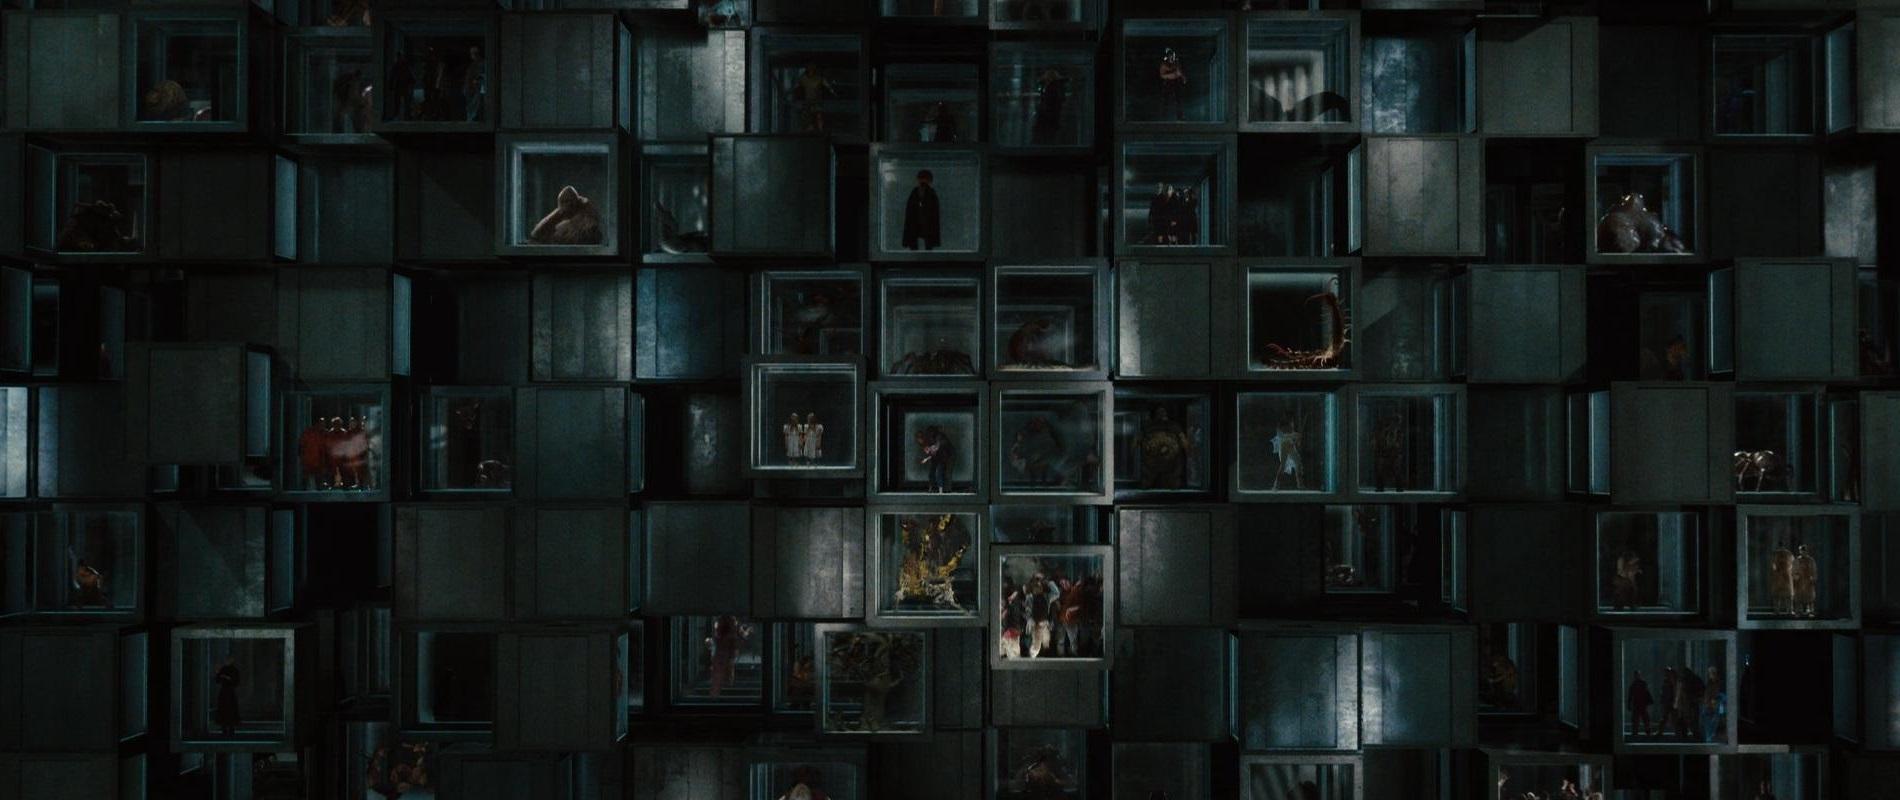 Cena do filme O Segredo da Cabana, ou The Cabin in the Woods. A imagem mostra dezenas de gaiolas de vidro suspensas prendendo monstros diversos.